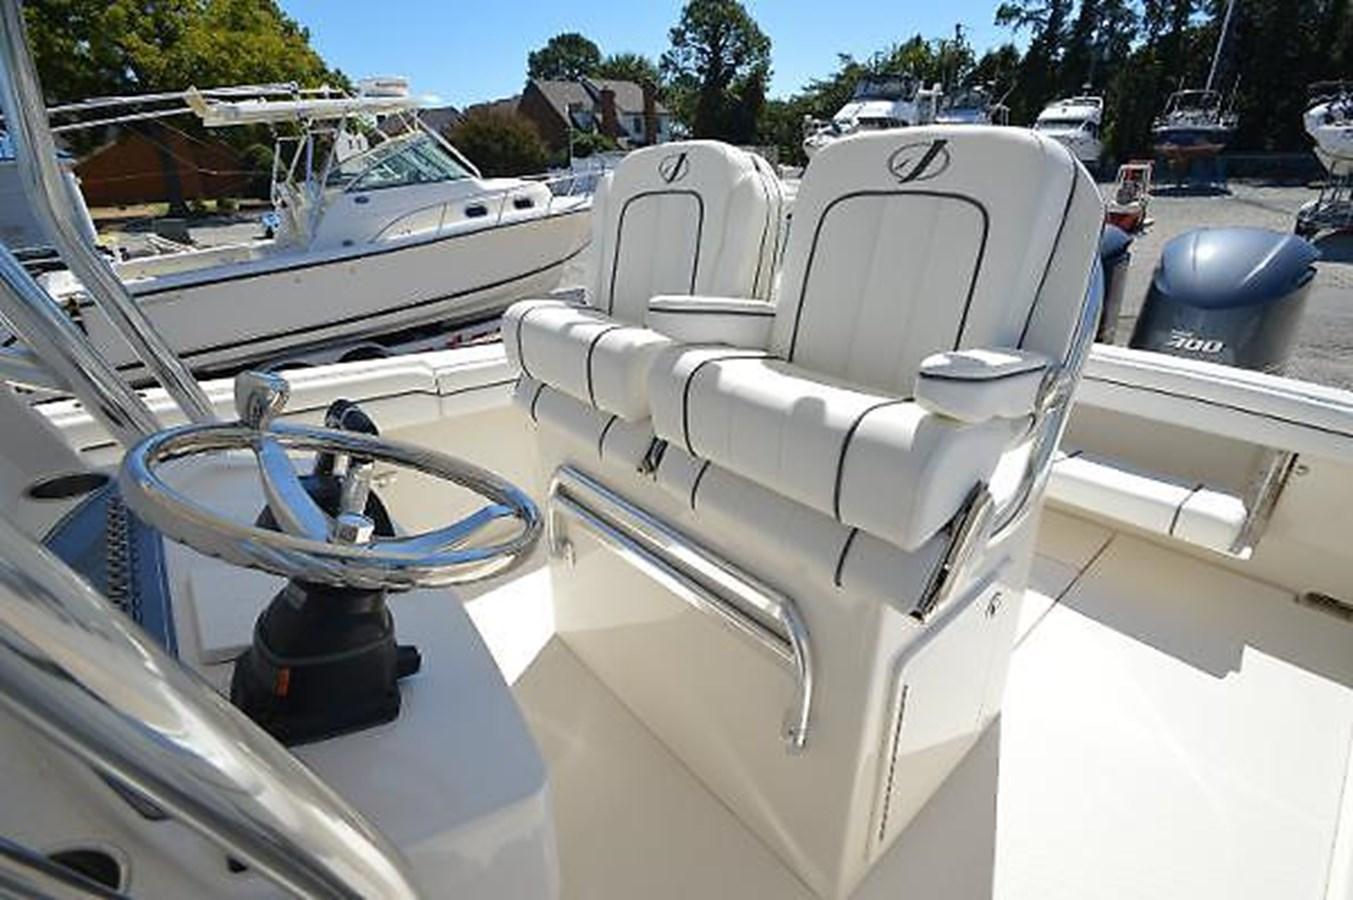 Helm Seats - 30 JUPITER For Sale